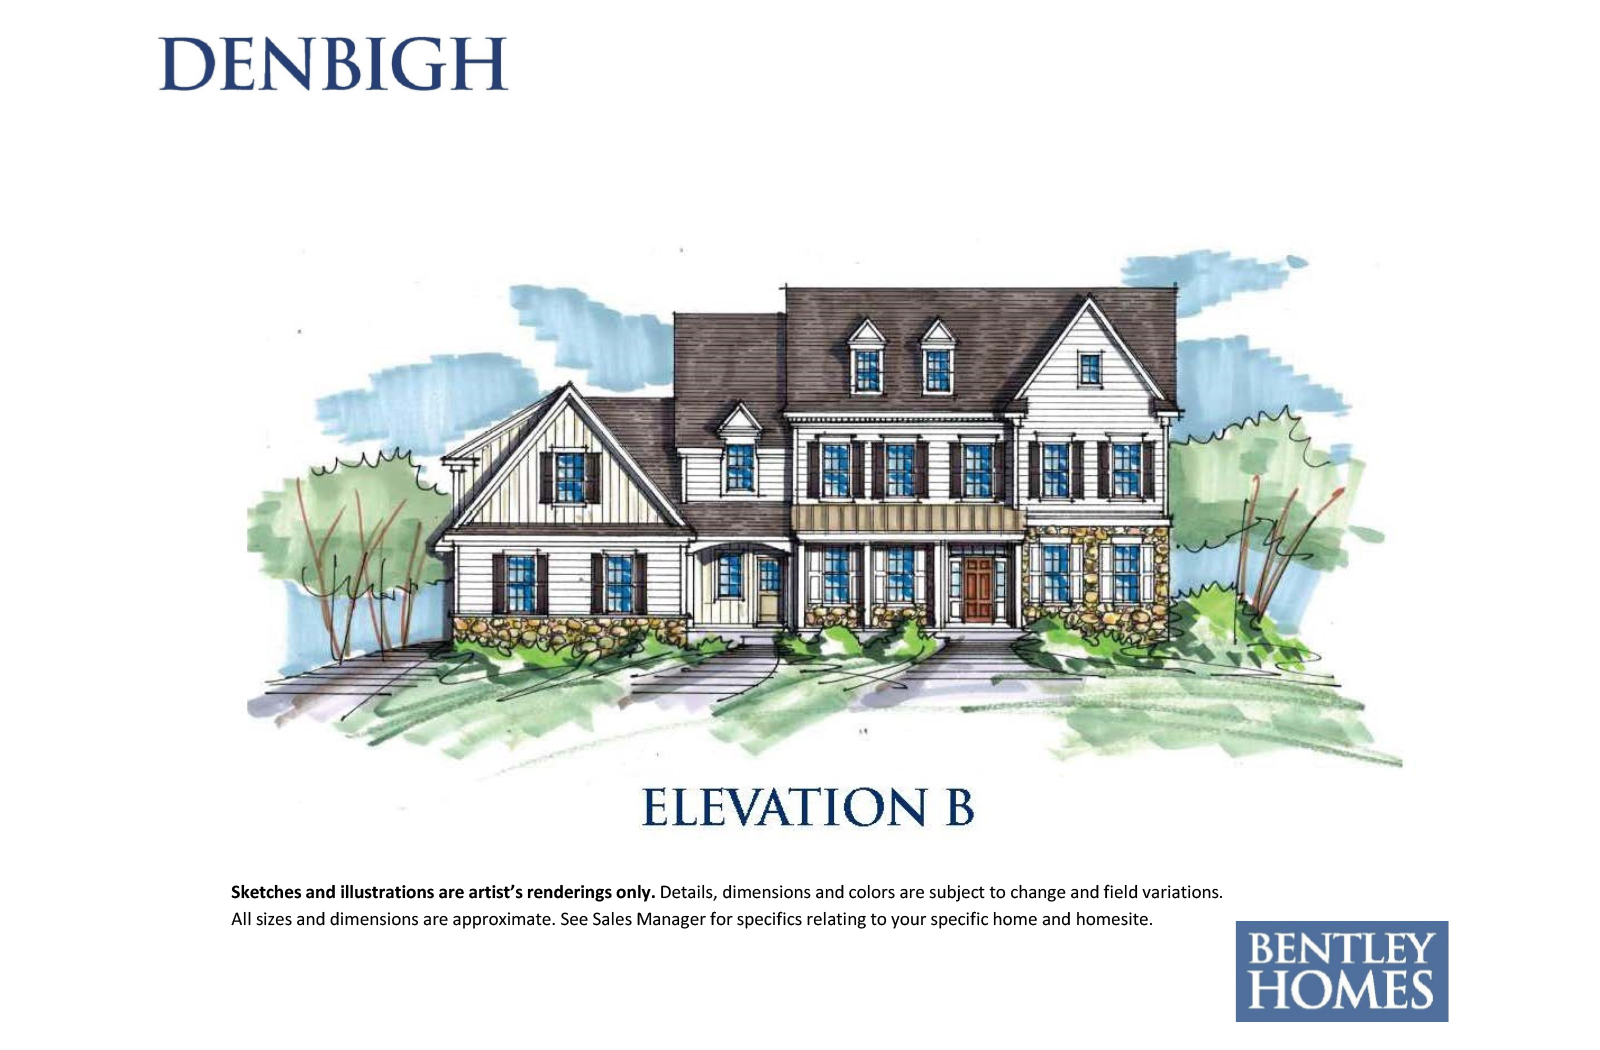 Denbigh illustration of elevation B for Bentley Homes.